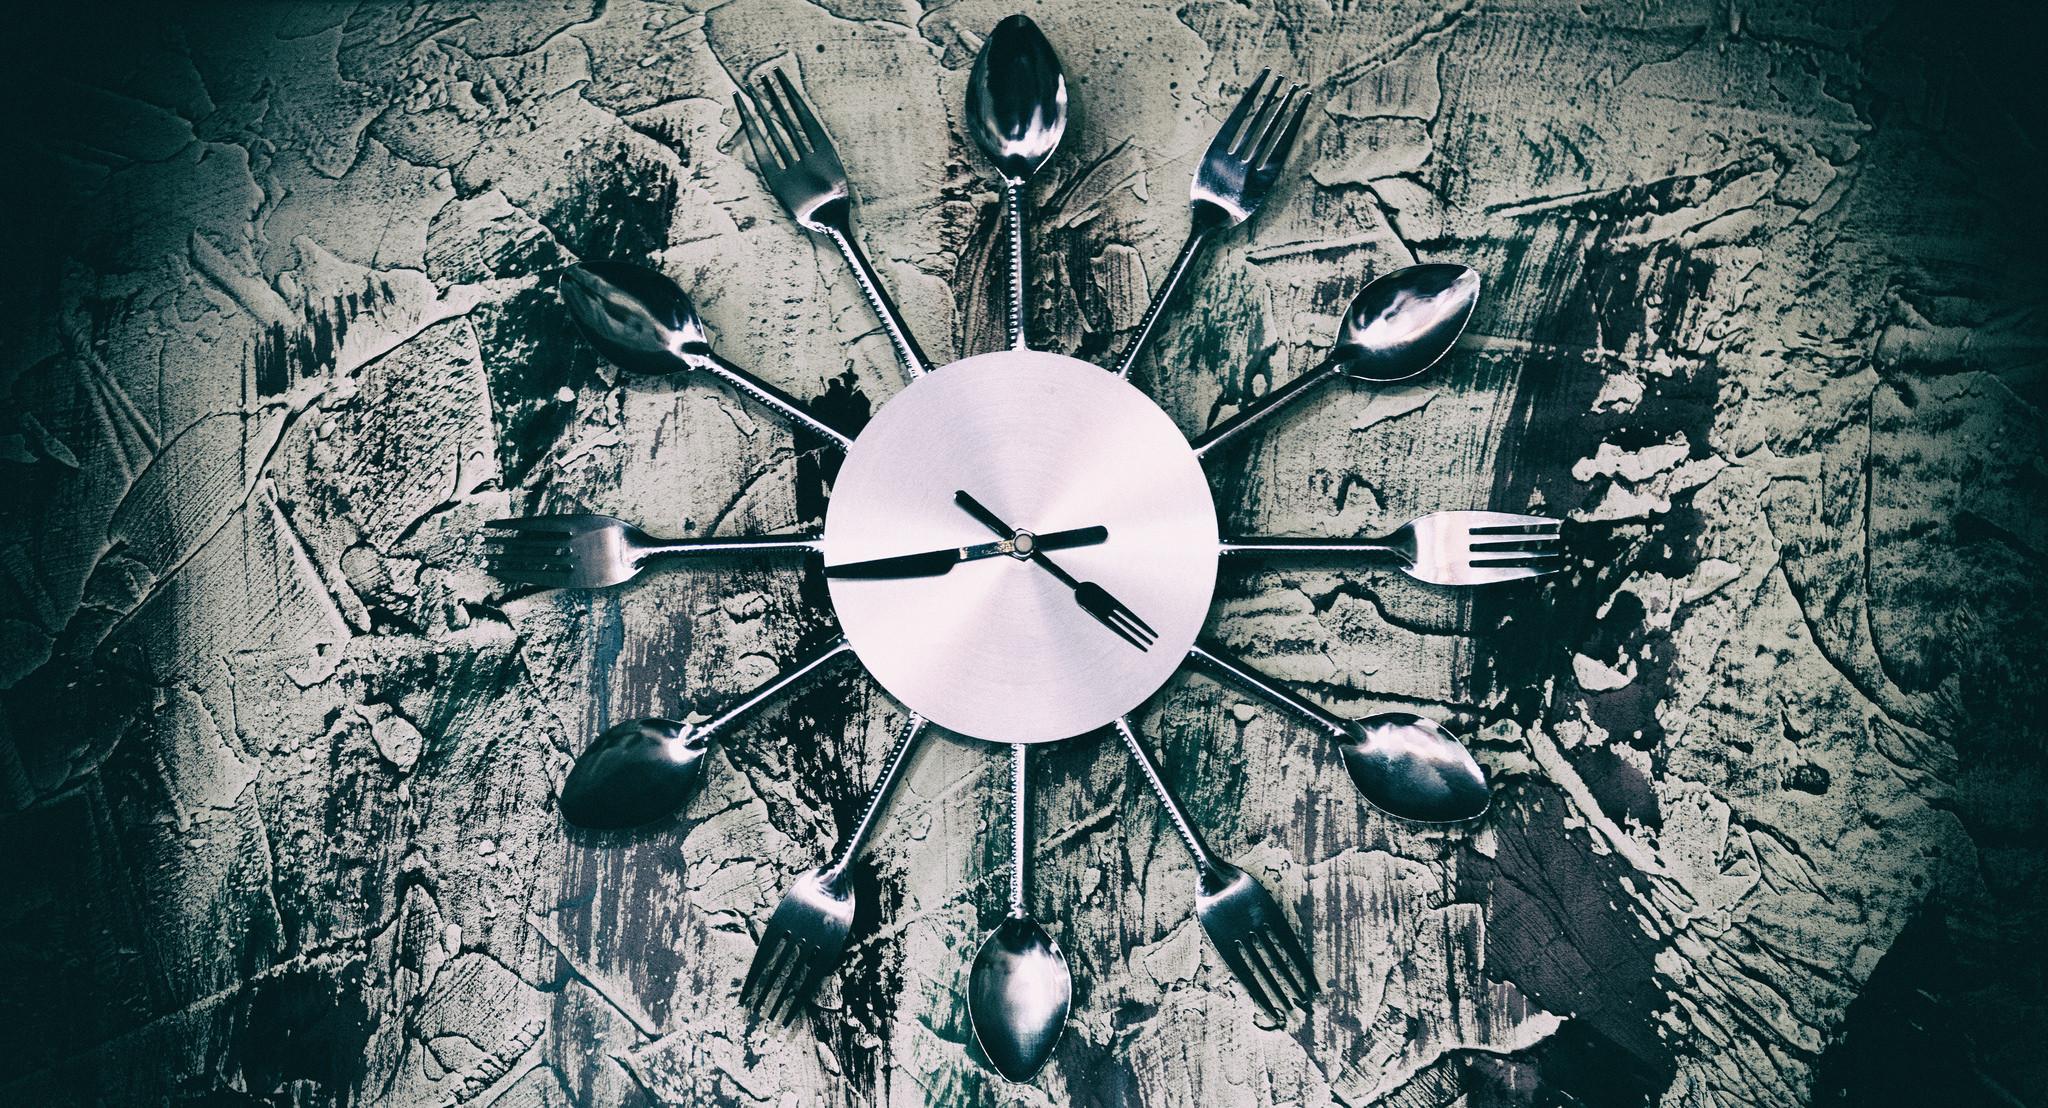 Človek nie je stavaný na jedenie počas celého dňa, vedci skúmajú výhody  jedenia počas obmedzeného času – Denník N